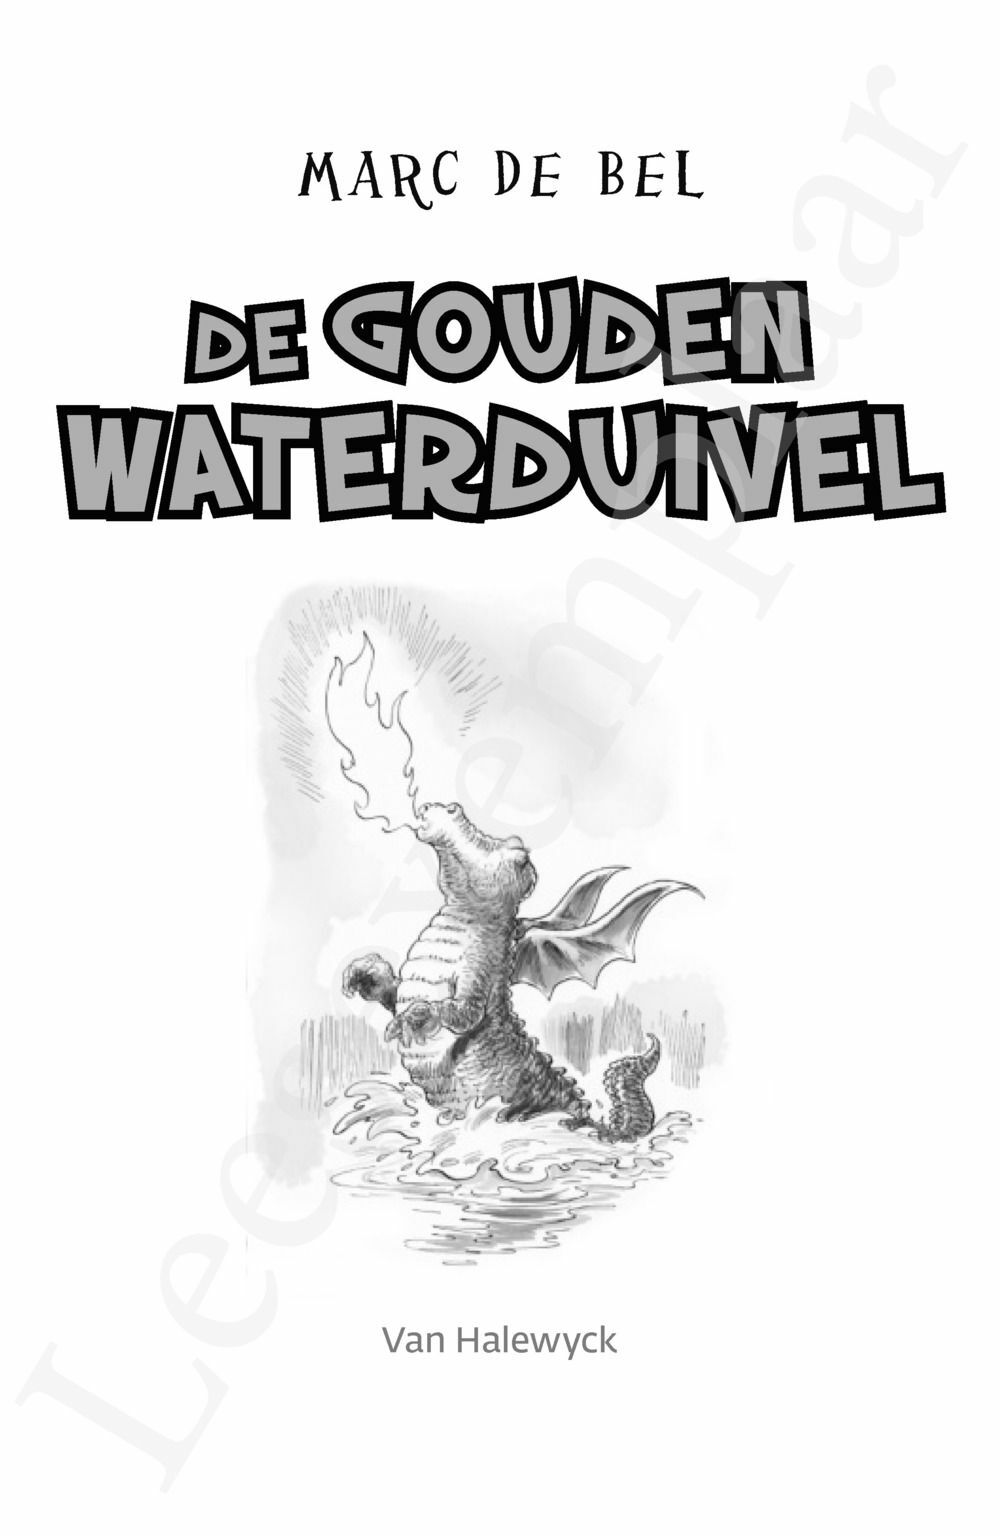 Preview: De gouden waterduivel